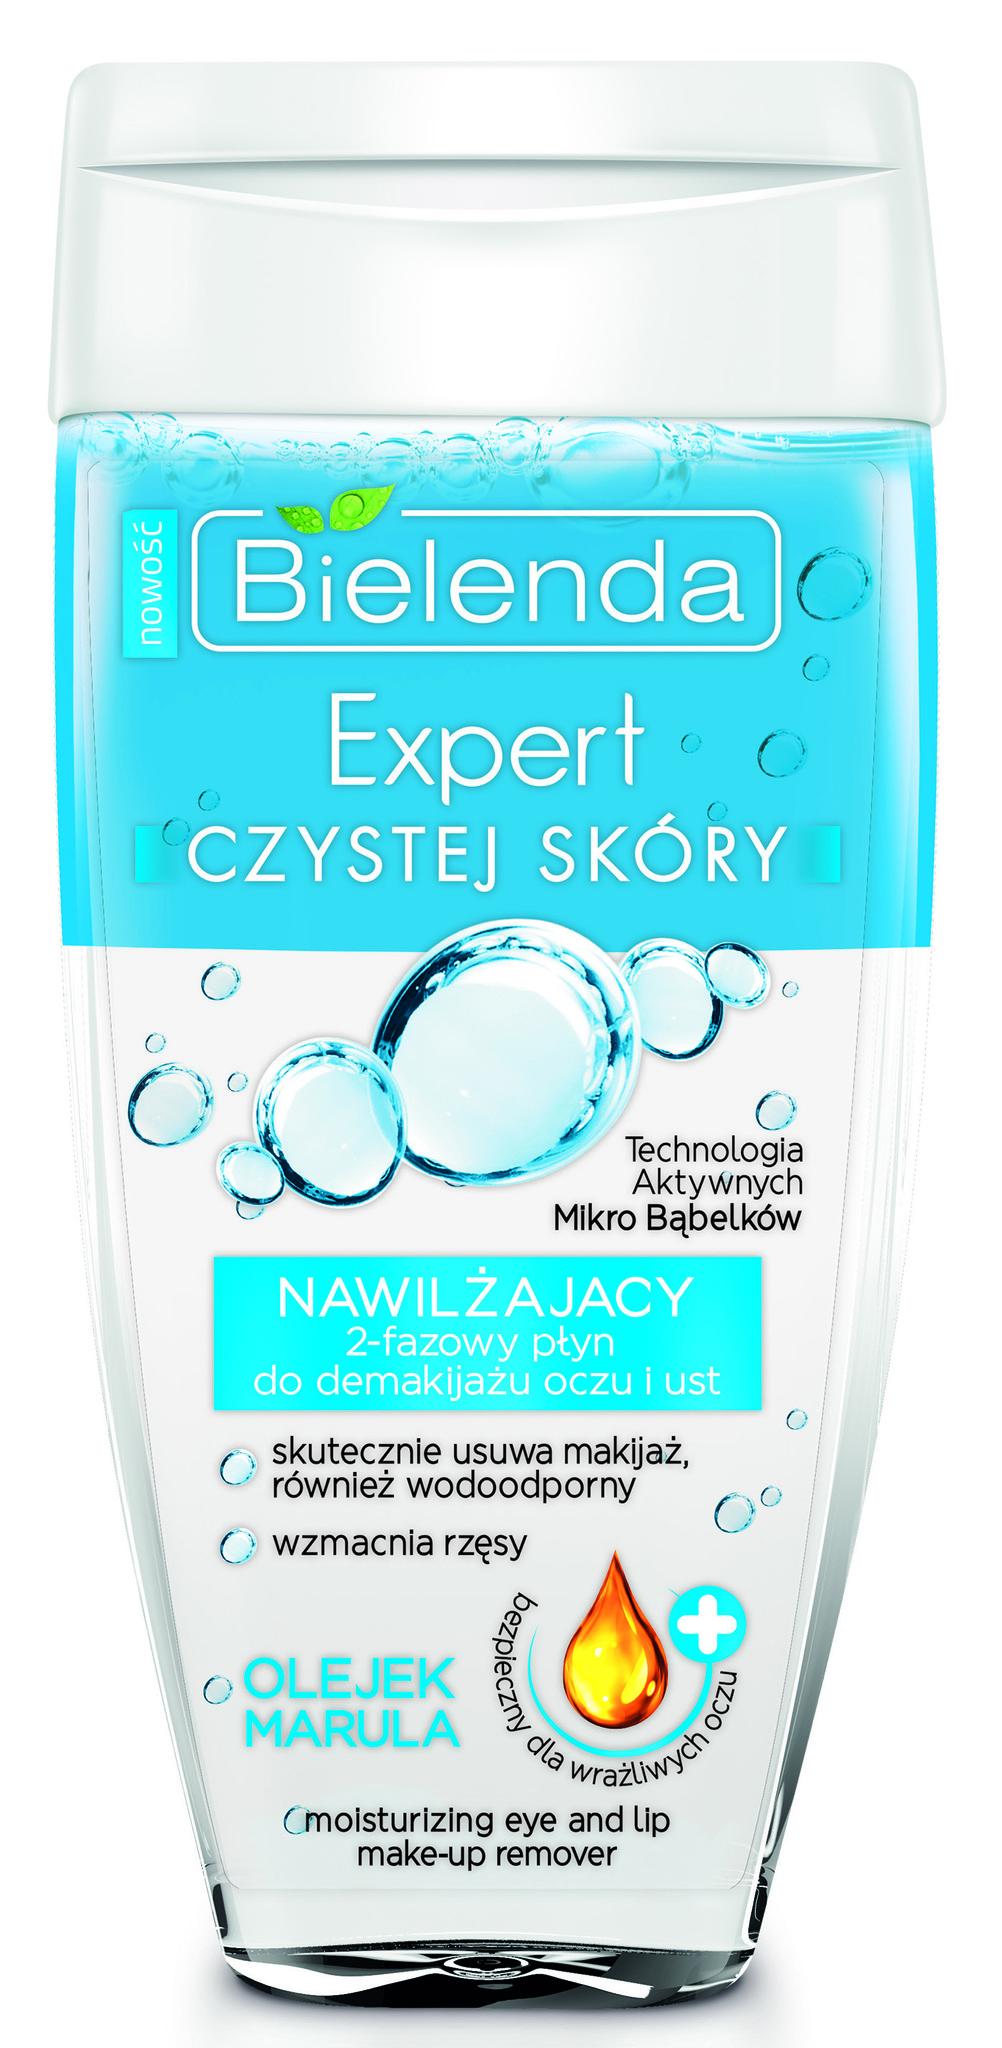 SKIN CLINIC PROFESSIONAL Увлажняющая 2-фазная жидкость для демакияжа глаз и губ с маслом Марула 150мл